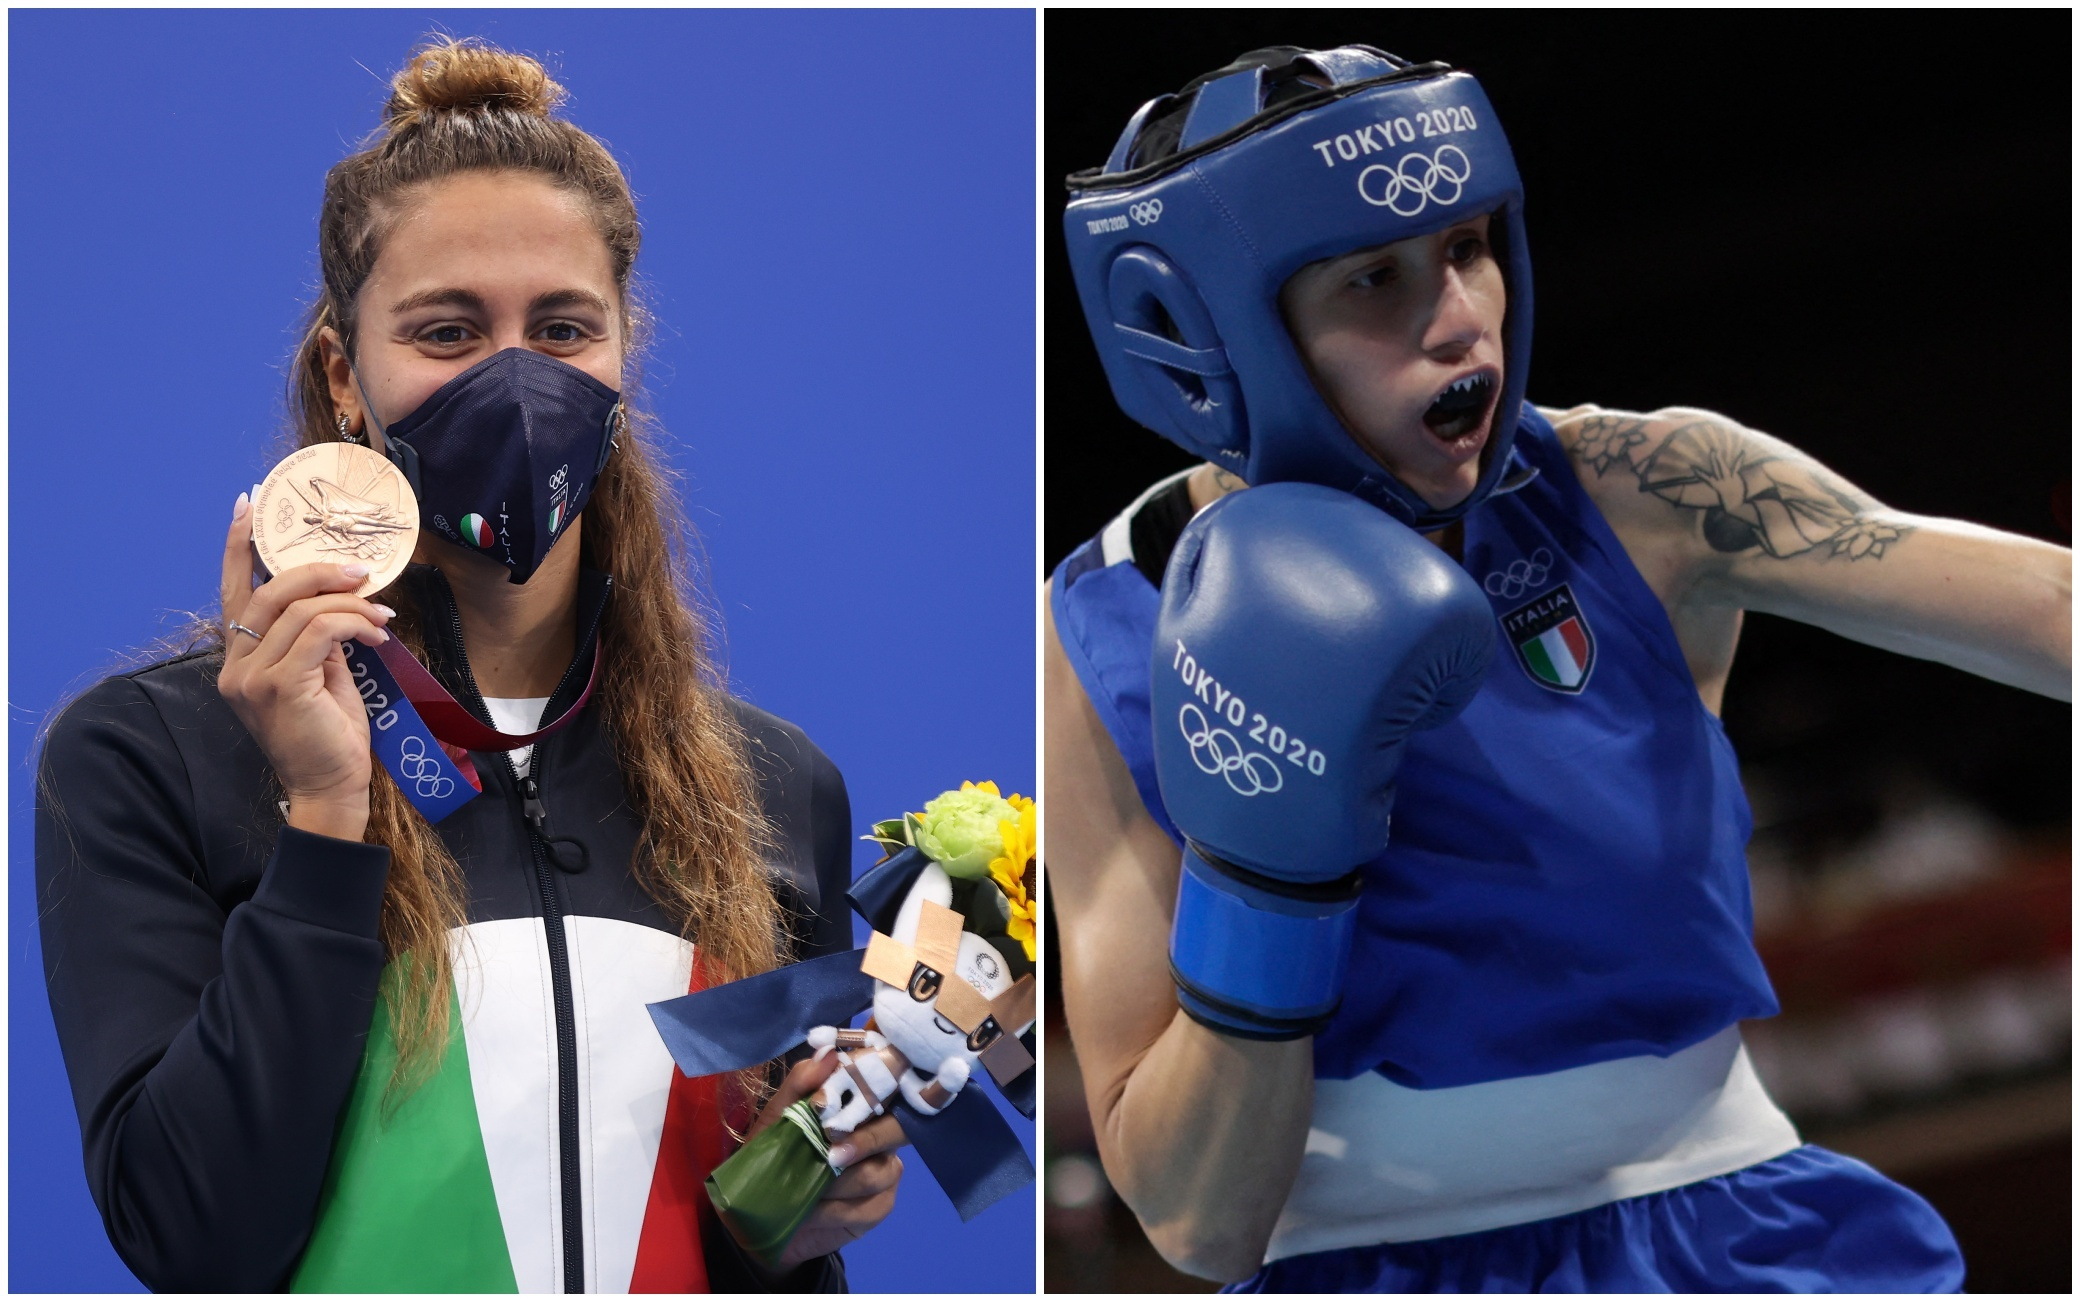 Tokyo altre 4 medaglie azzurre bronzo Quadarella Testa e Pizzolato argento per Nespoli